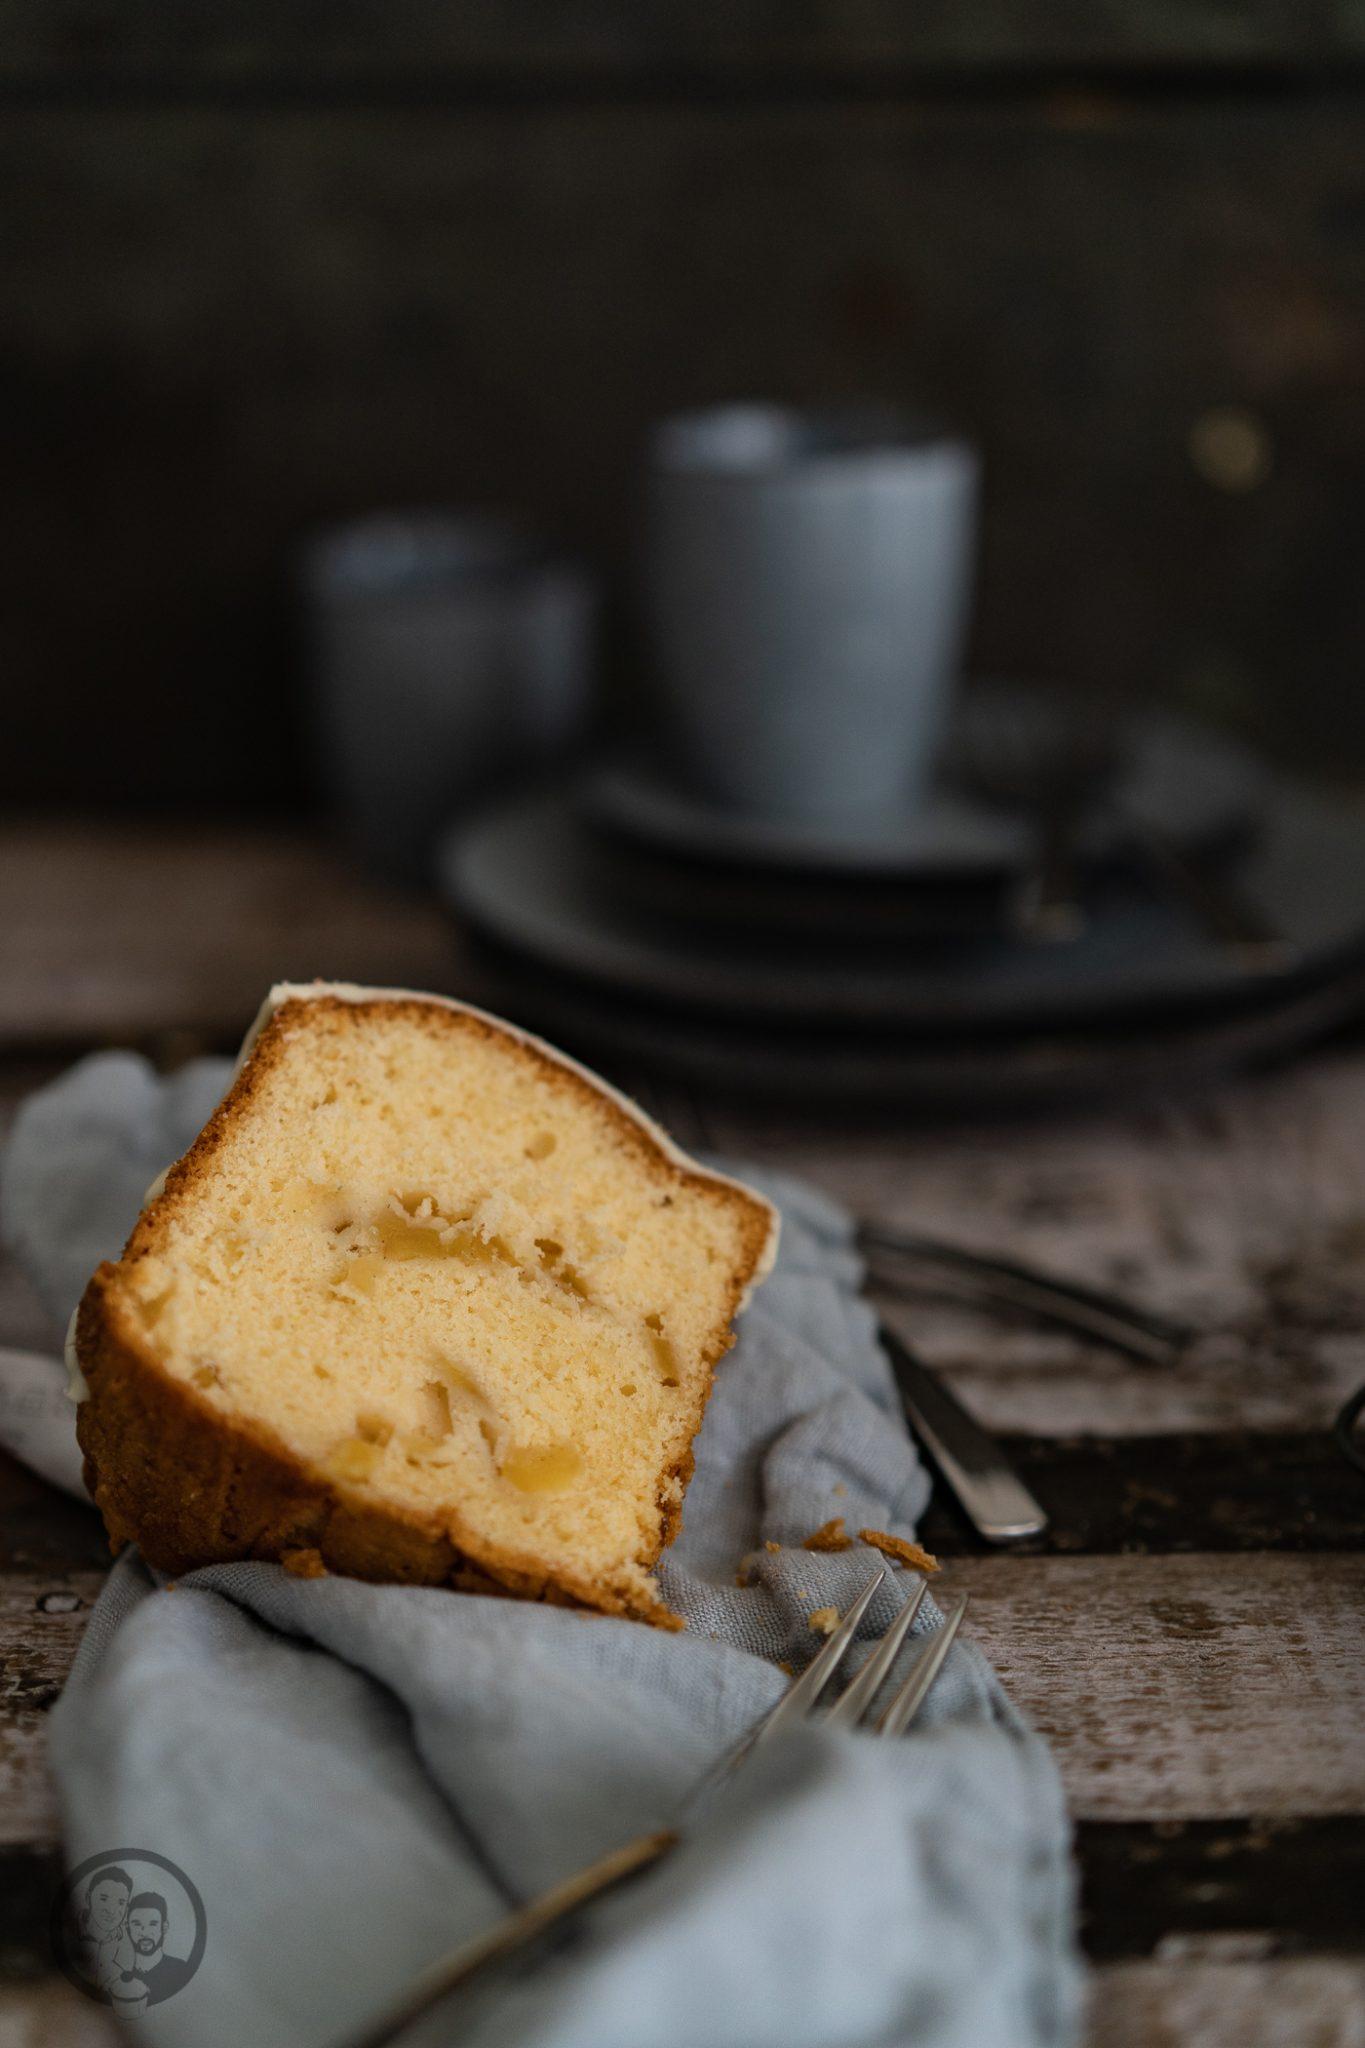 Apfelkuchen mW 5 | Auch wenn wir gerade einen goldenen Oktober in Köln erleben, der eher an den Spätsommer erinnert, zeigt das Laub der Bäume ganz klar - es geht in den Herbst. Kulinarisch lieben wir diese Jahreszeit einfach total. Man macht es sich wieder gemütlicher, die Gerichte werden wieder etwas rustikaler und auch beim Backen kann man aus dem vollen schöpfen. Daher haben wir den Herbst mit einem herrlich klassischem Apfelkuchen eingeleitet.